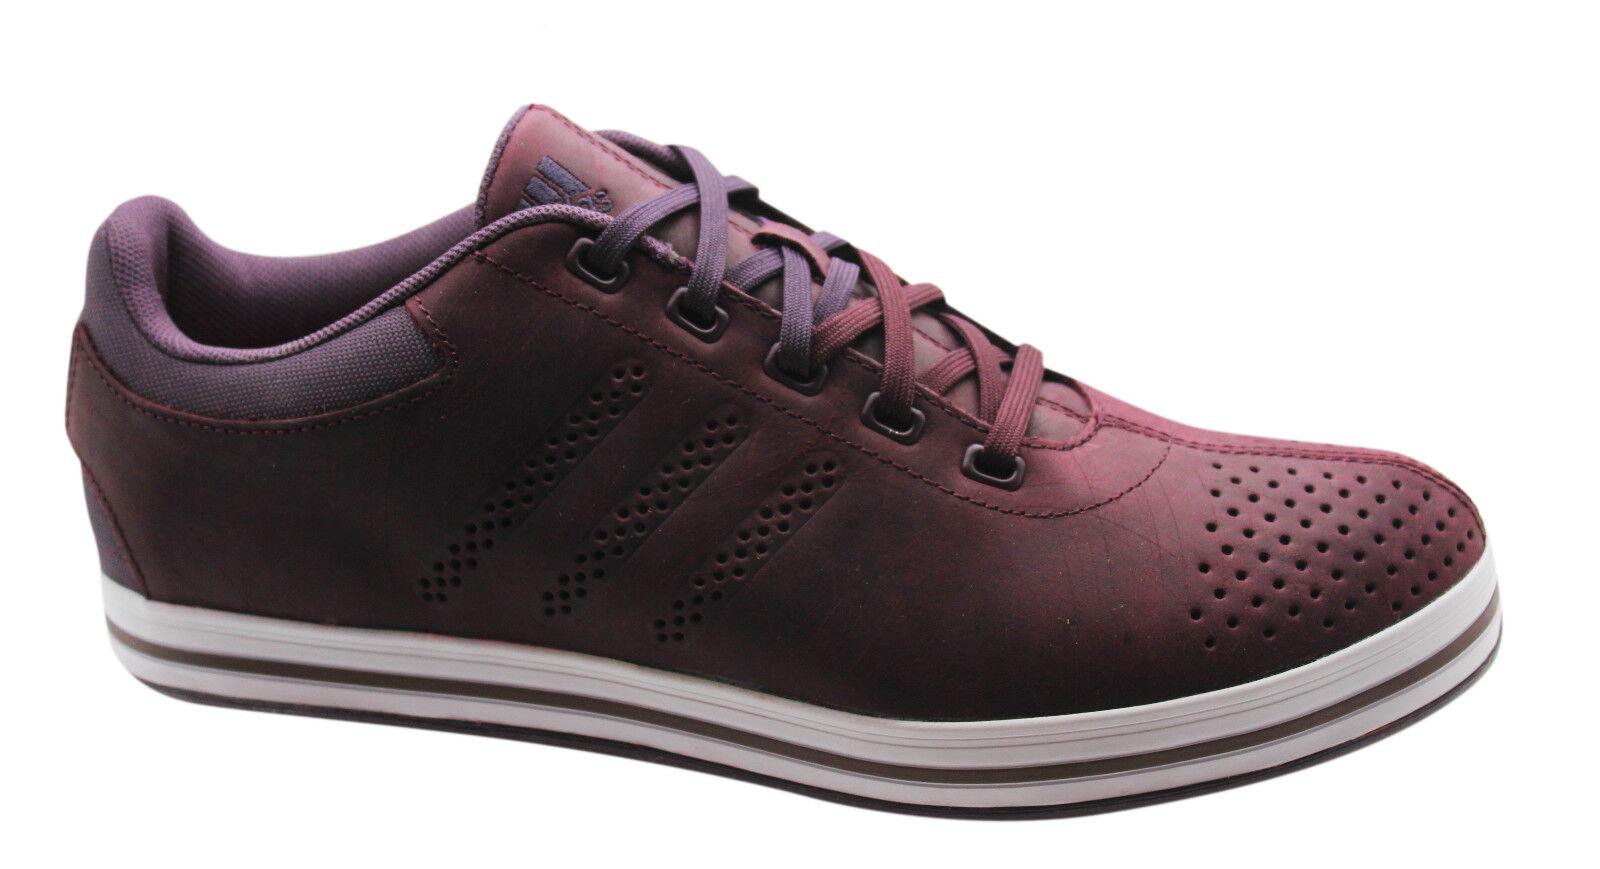 Adidas formatori prestazioni sportive zeitfrei Uomo formatori Adidas basso scarpe di pelle m18049 d91 9b9cb7